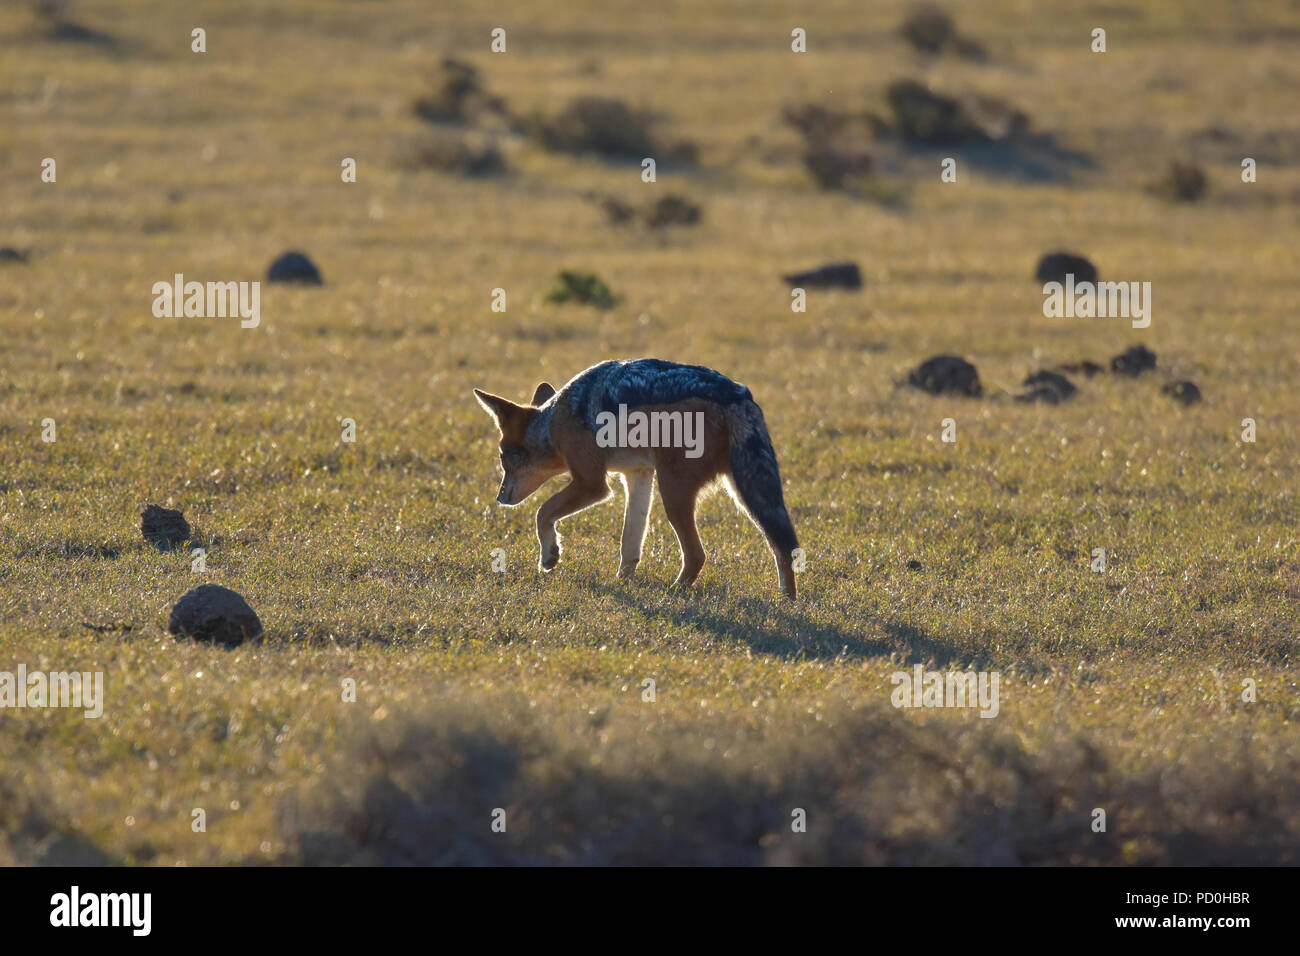 Südafrika, ein fantastisches Reiseziel Dritter und Erster Welt gemeinsam zu erleben. Black backed jackal Hintergrundbeleuchtung. Addo Elephant Park. Stockbild